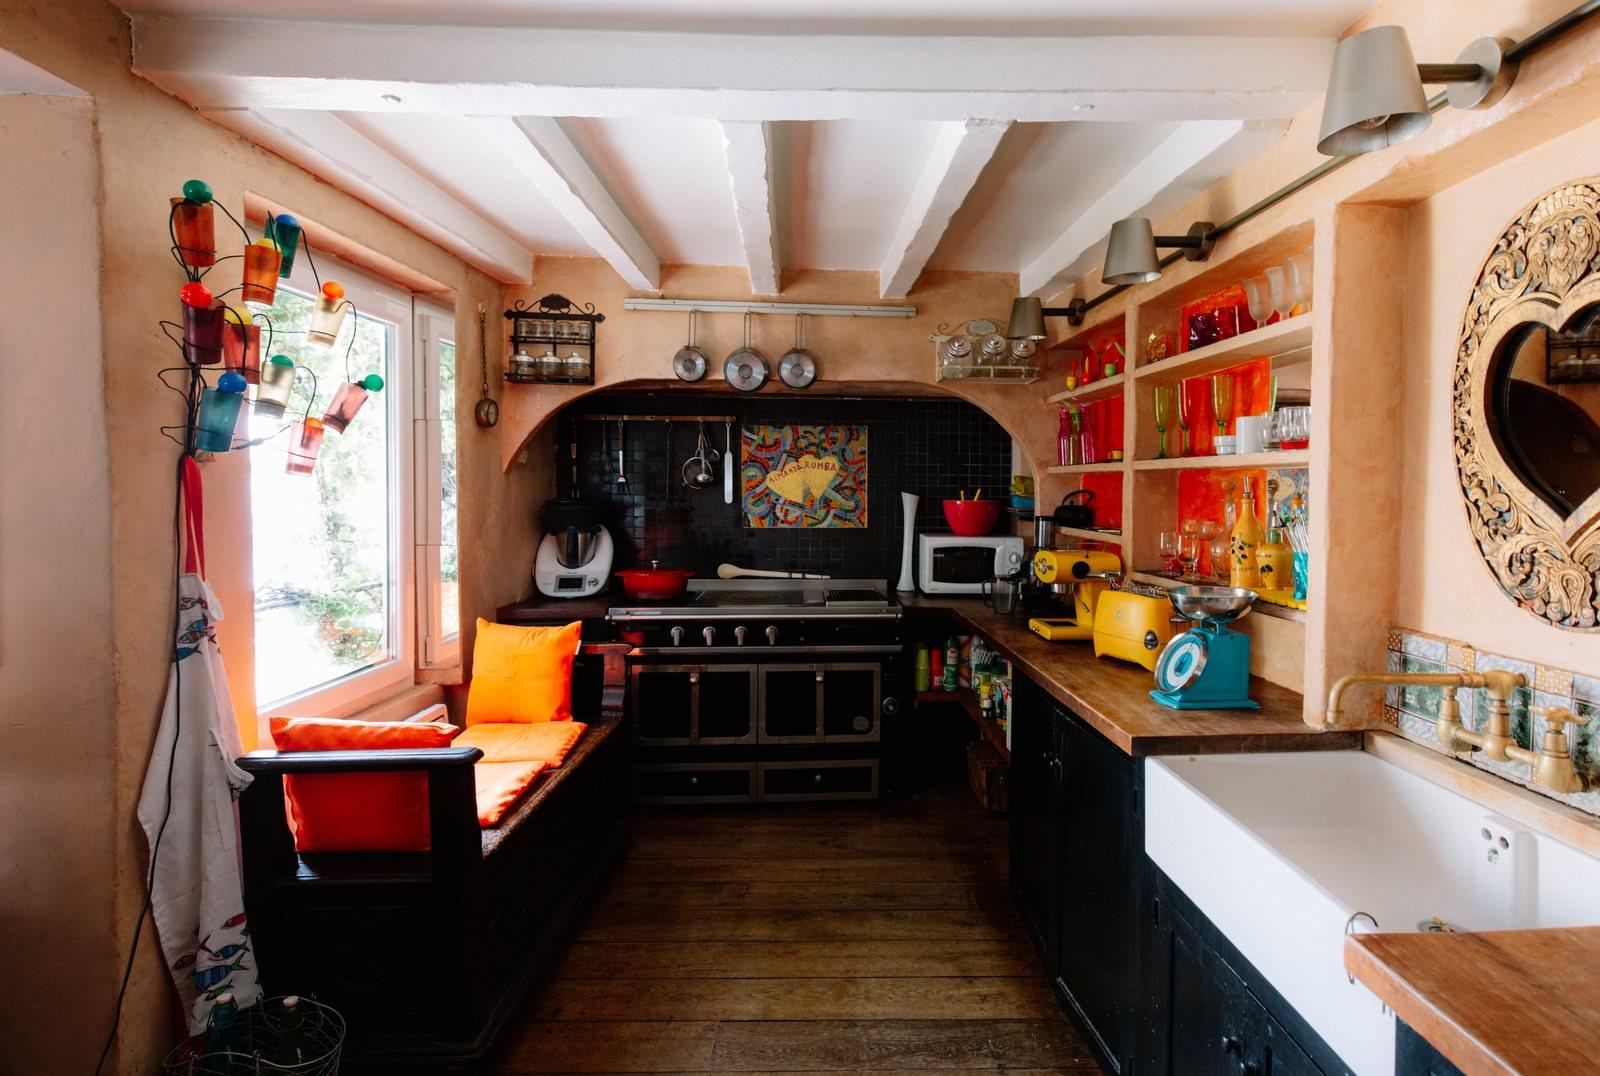 Une cuisine très colorée et décorée selon des codes atypiques. Super pour un évènement pittoresque.